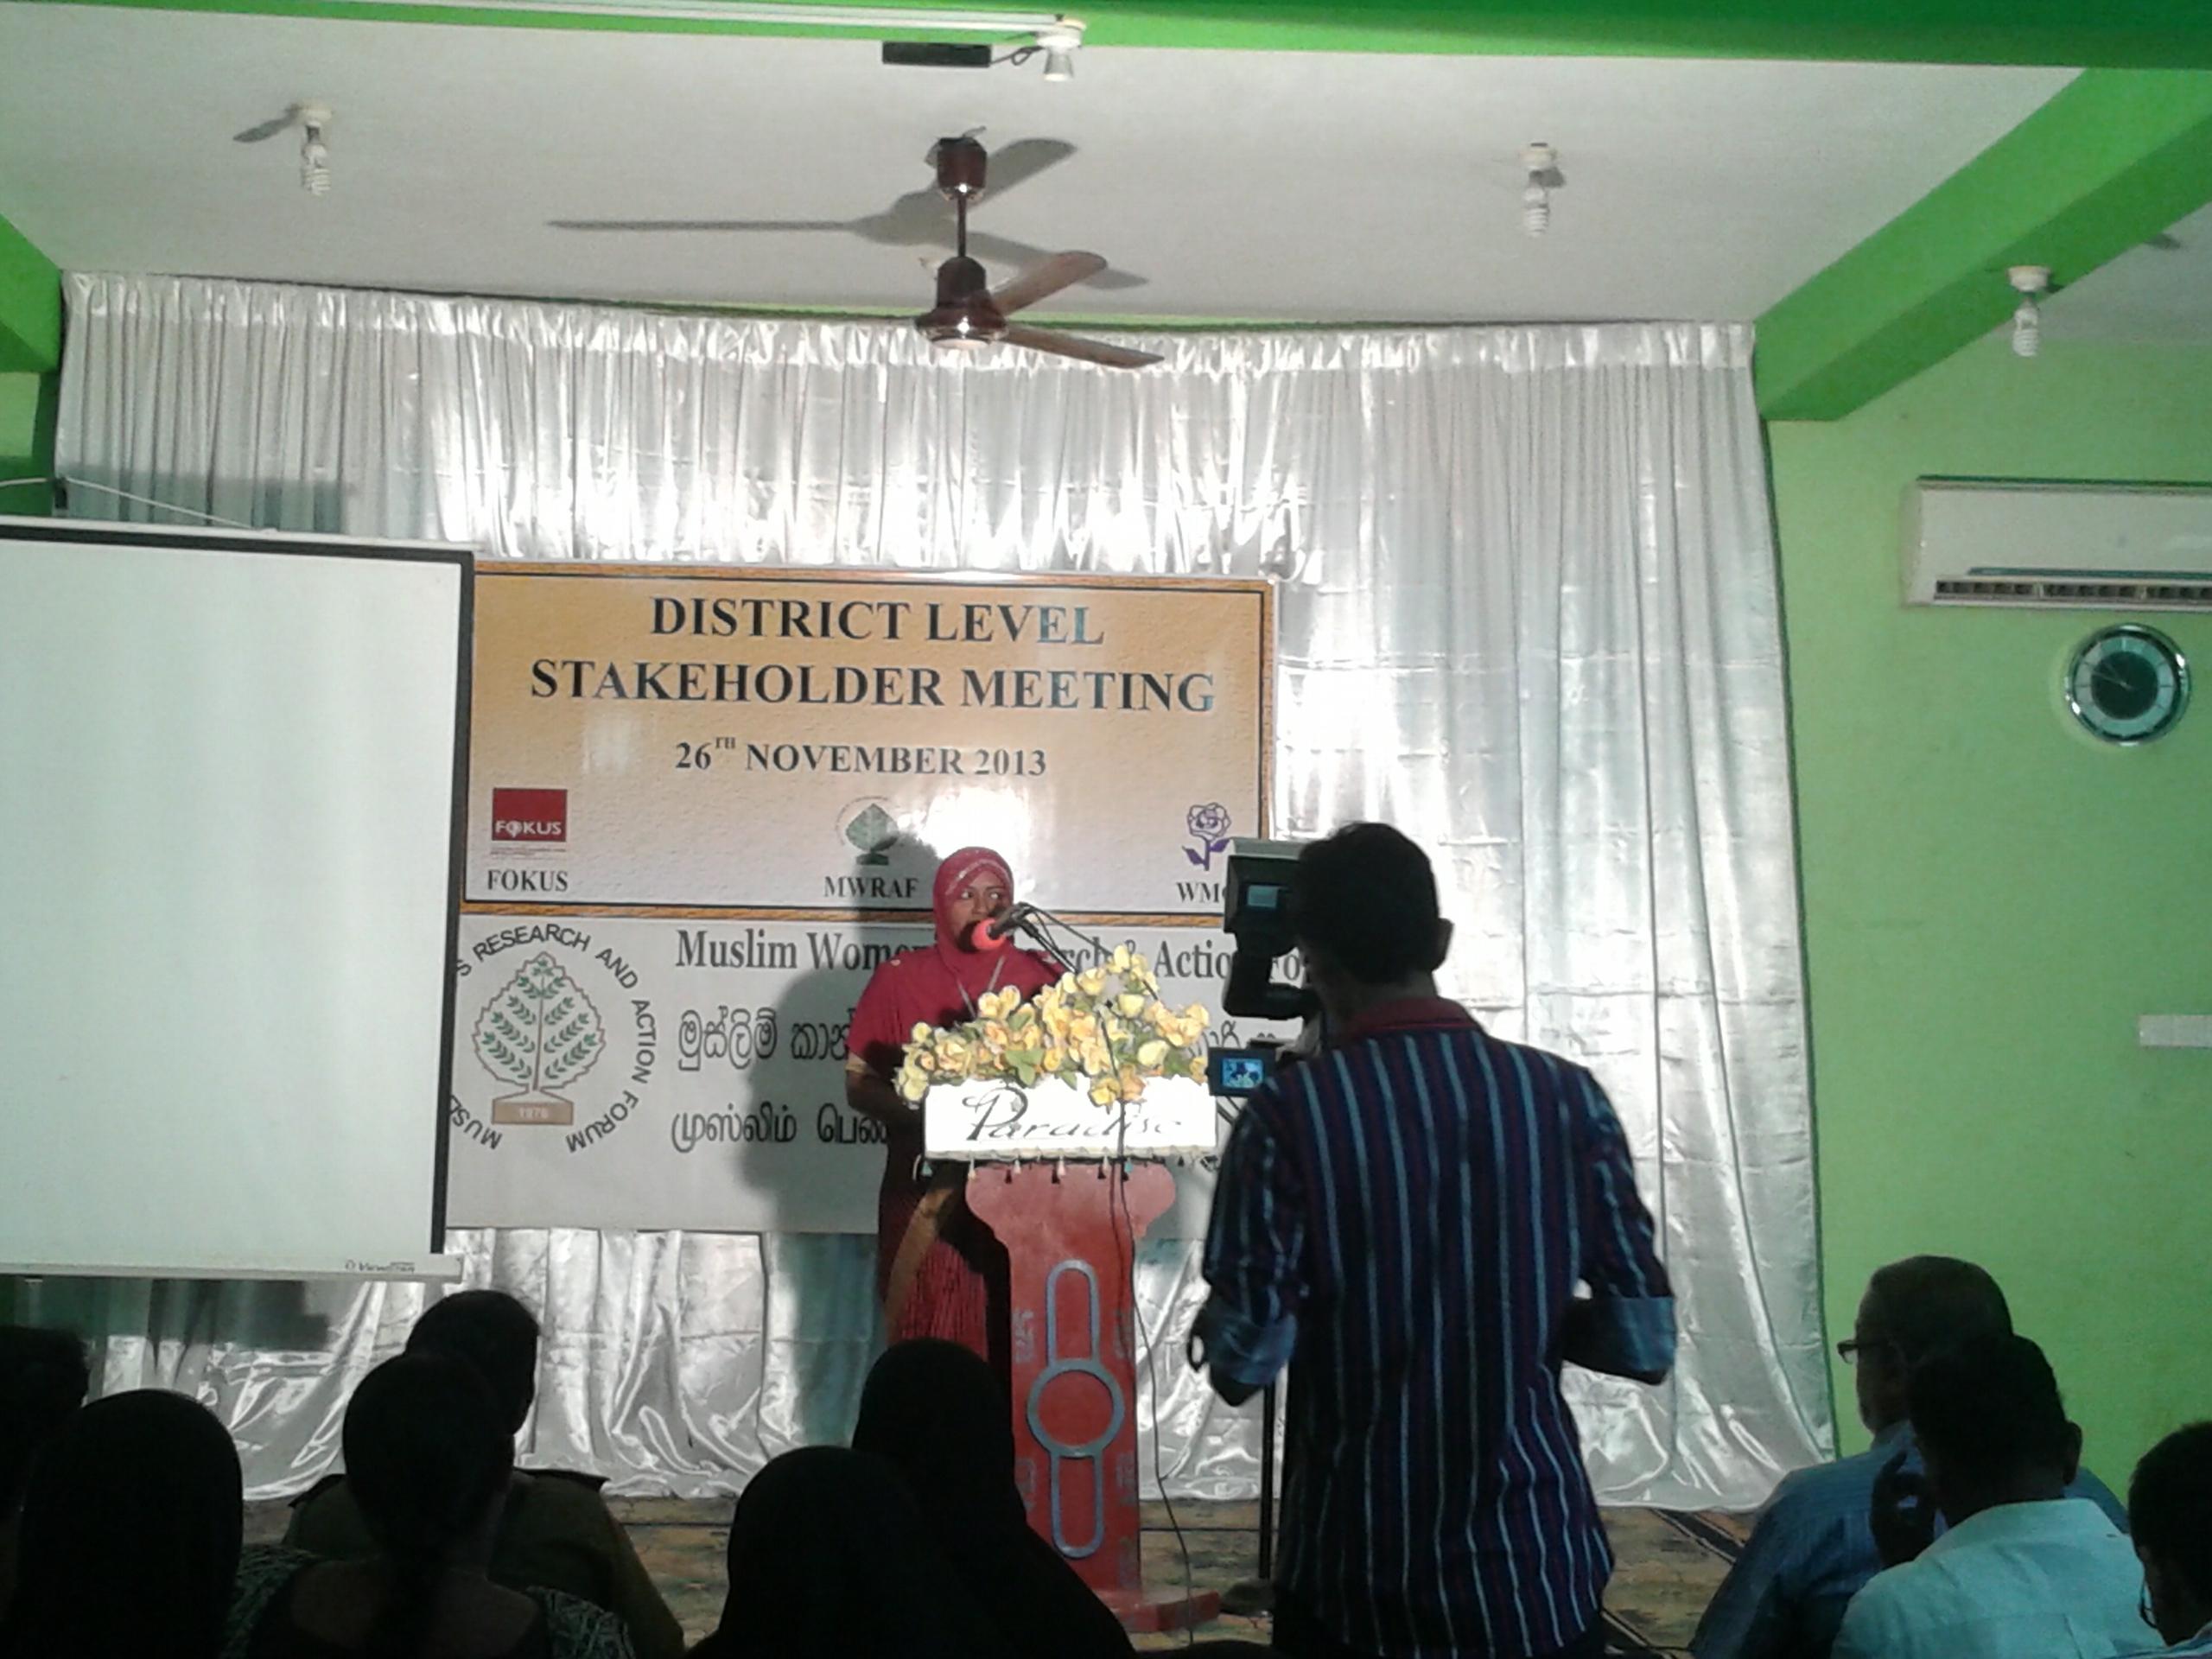 MWRAF District stakeholder meeting in Kalmunai